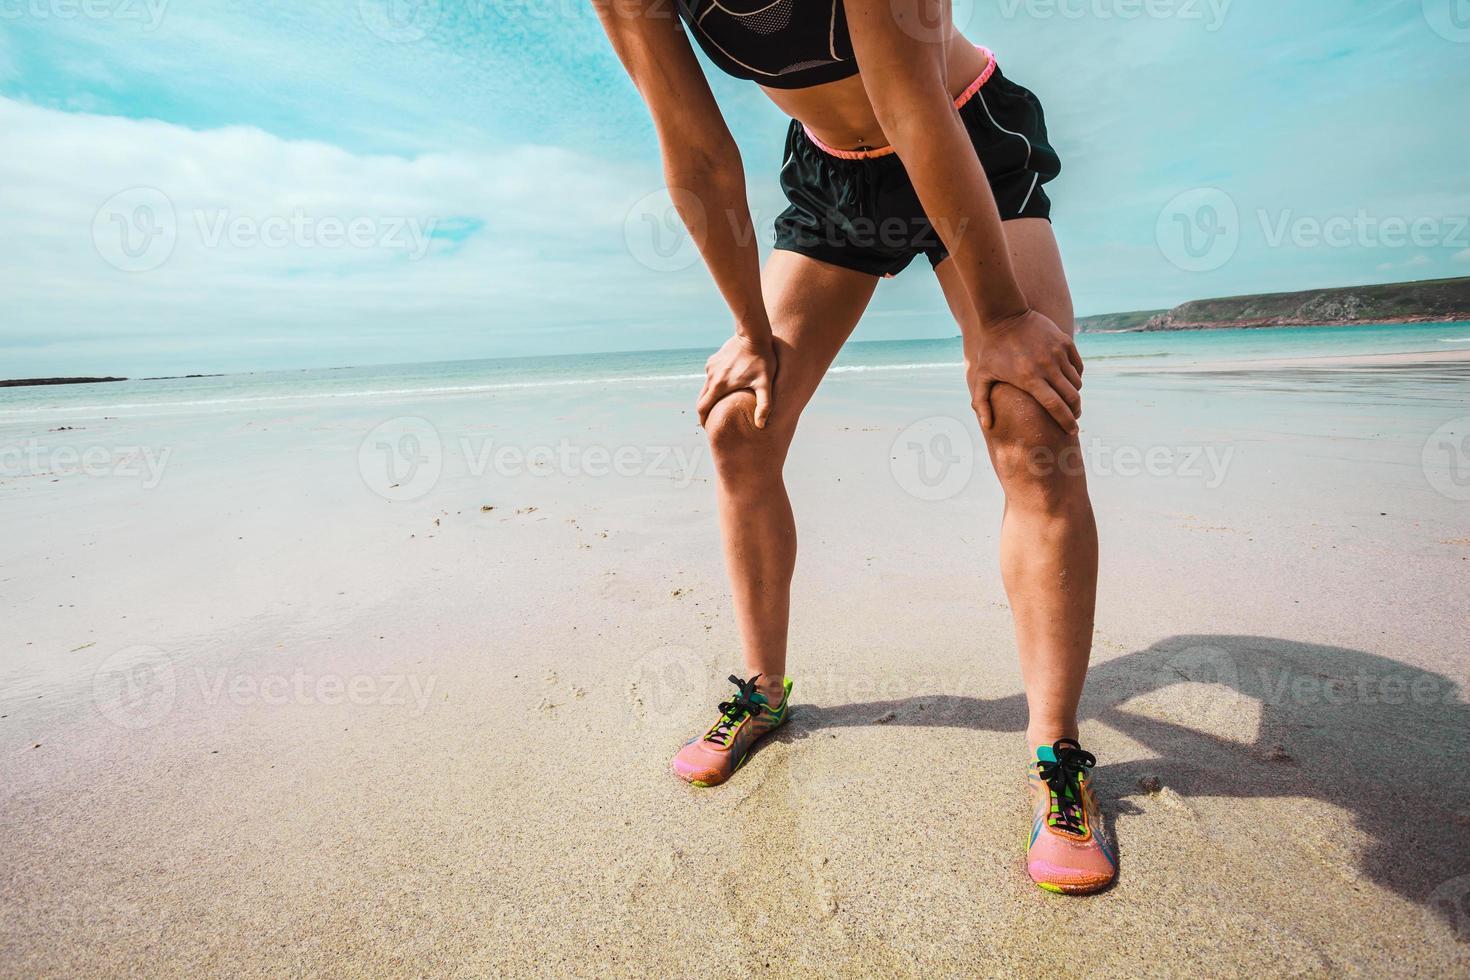 atletisk ung kvinna vilar efter att ha kört på stranden foto